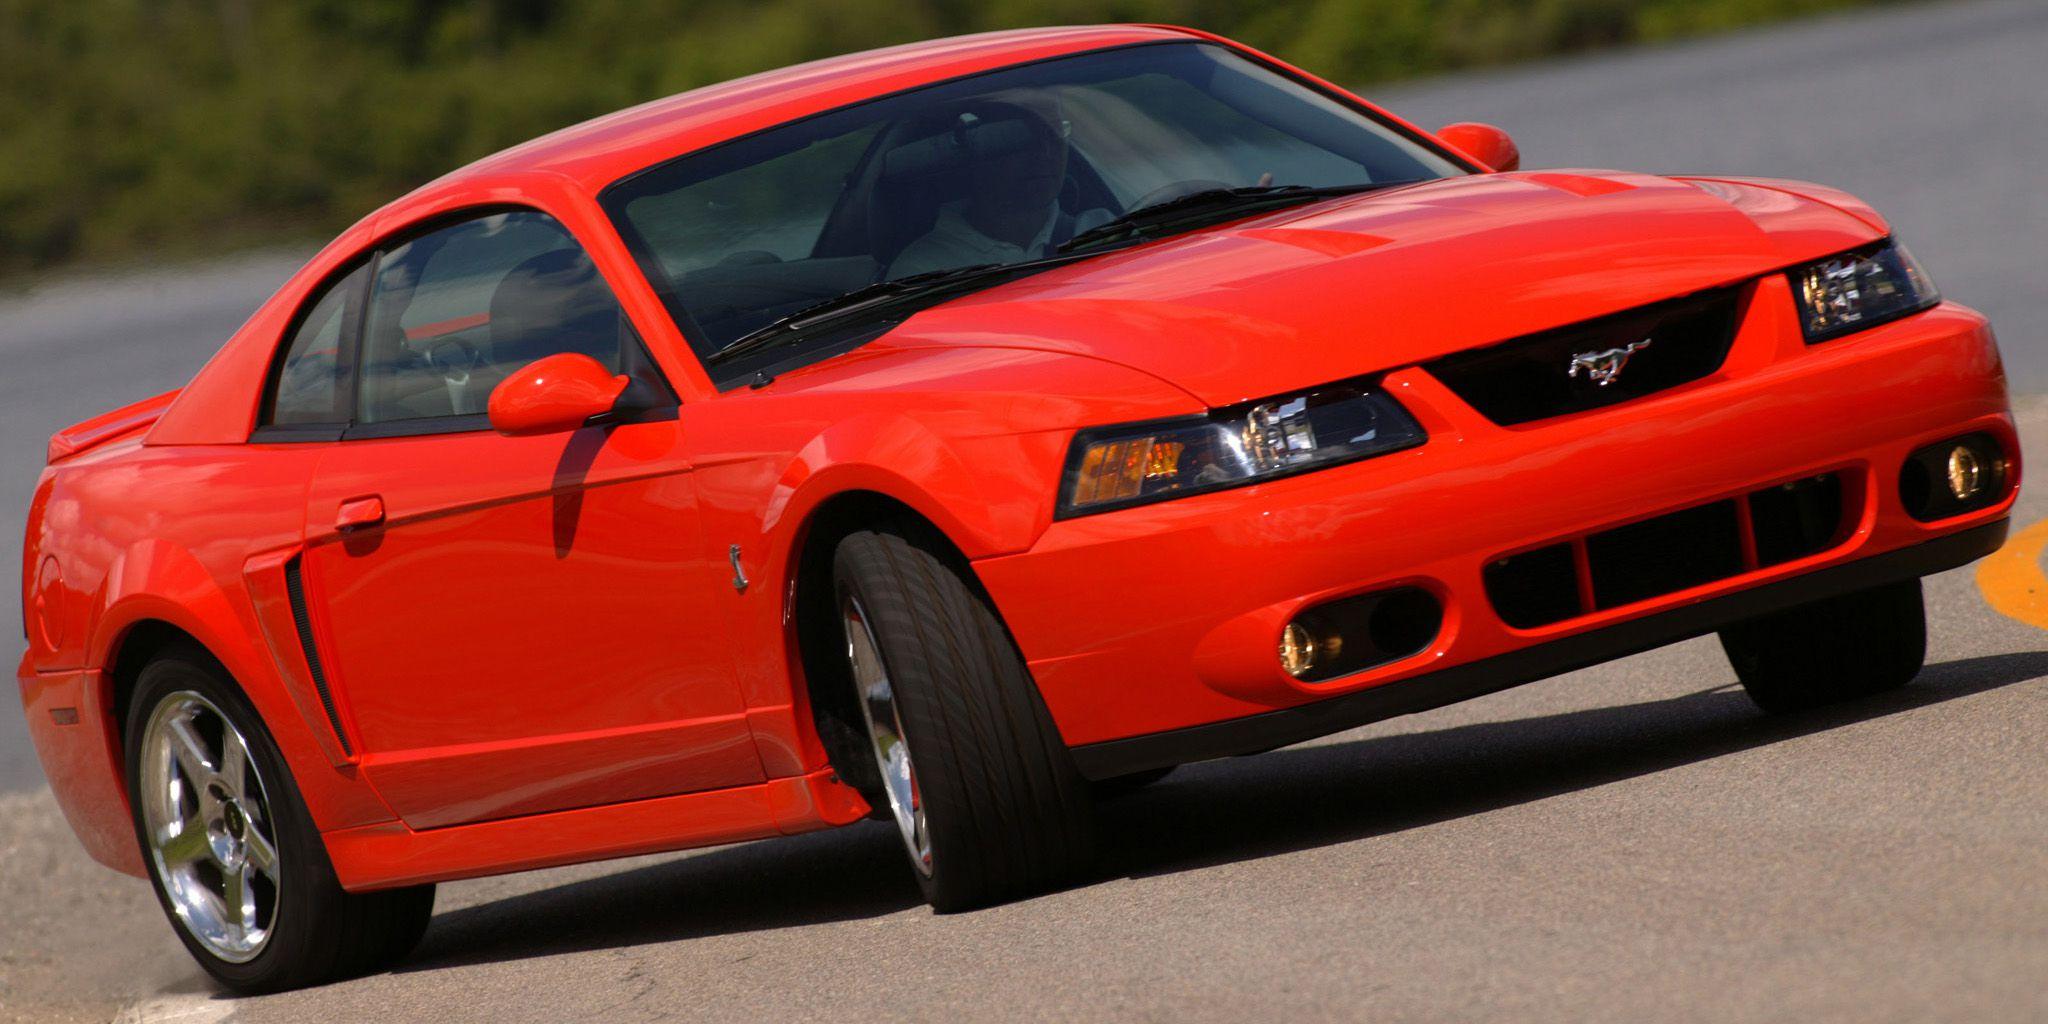 2004-ford-mustang-svt-cobra.jpg